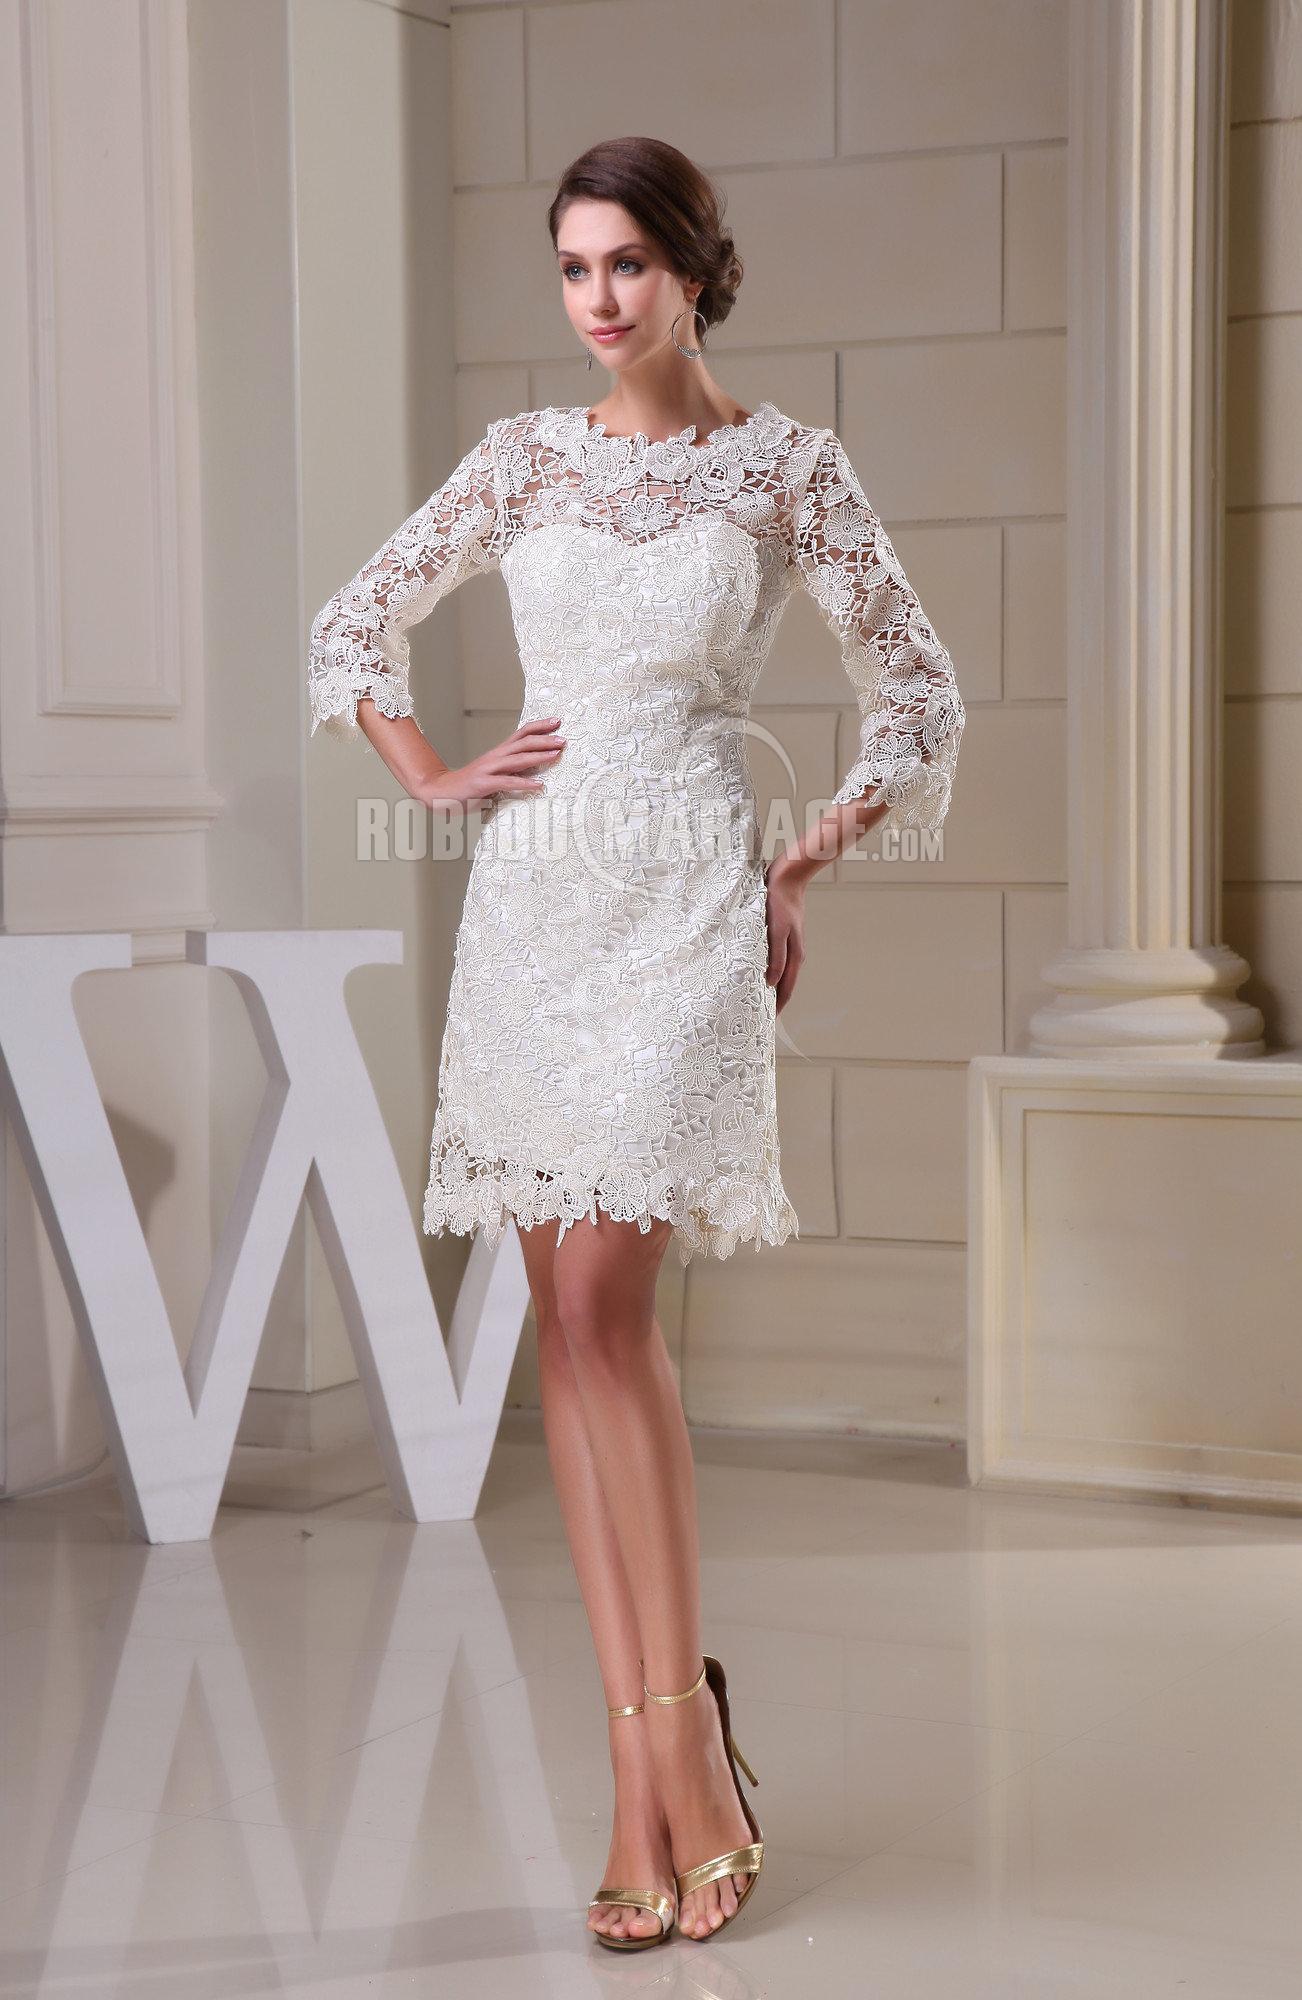 ca958d51a2898 Loading zoom. Manches mi-longue robe de mariée col haut dentelle longueur  aux genoux. ID  ROBE209703